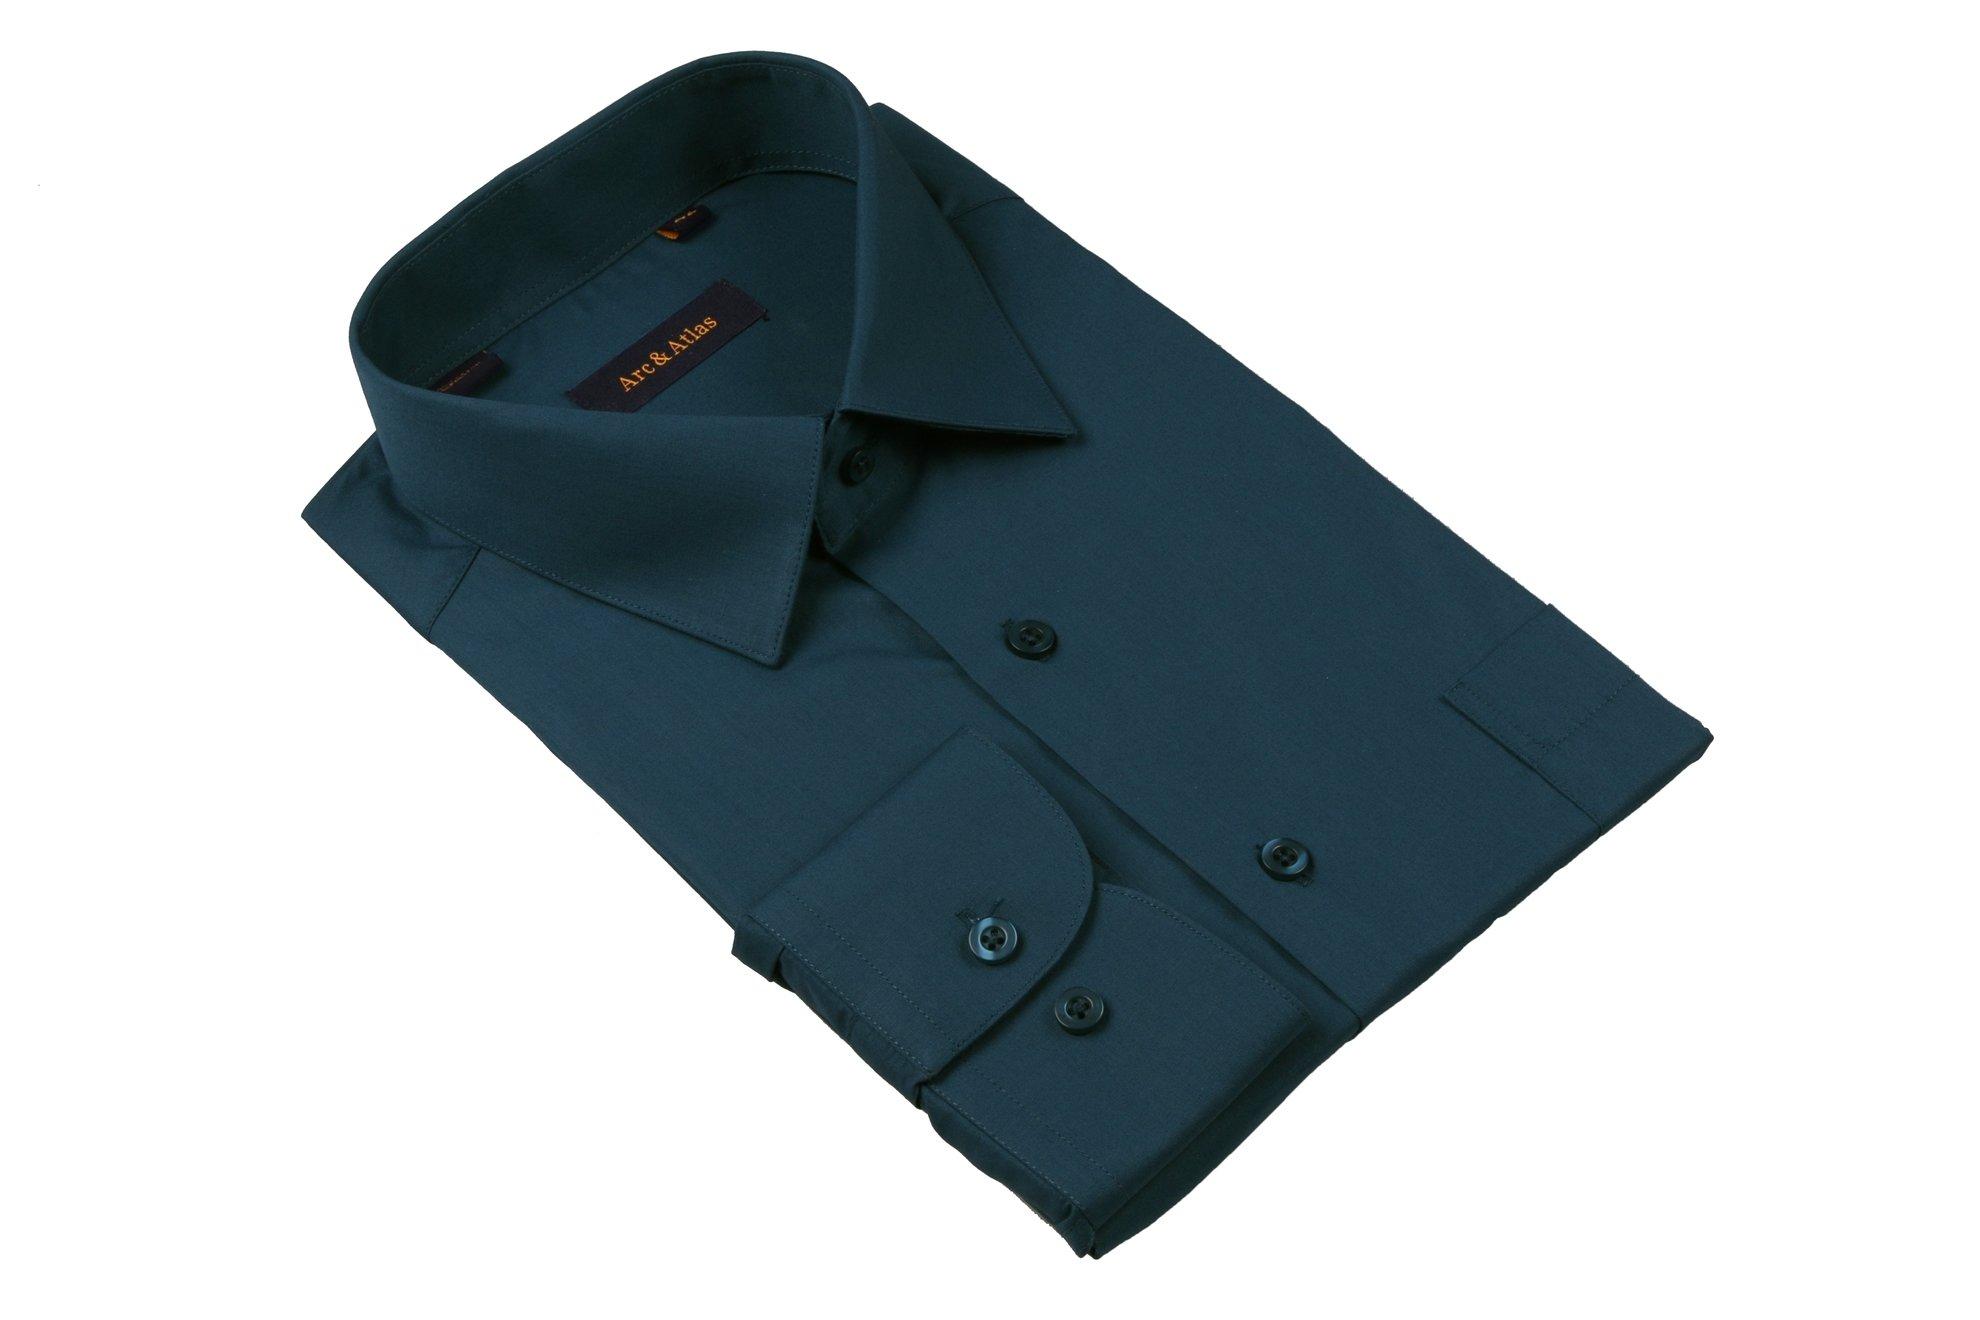 Рубашка мужская классика однотонная цвет тёмно-зеленый (изумрудный)  с длинным рукавом  (Арт. OD-015)